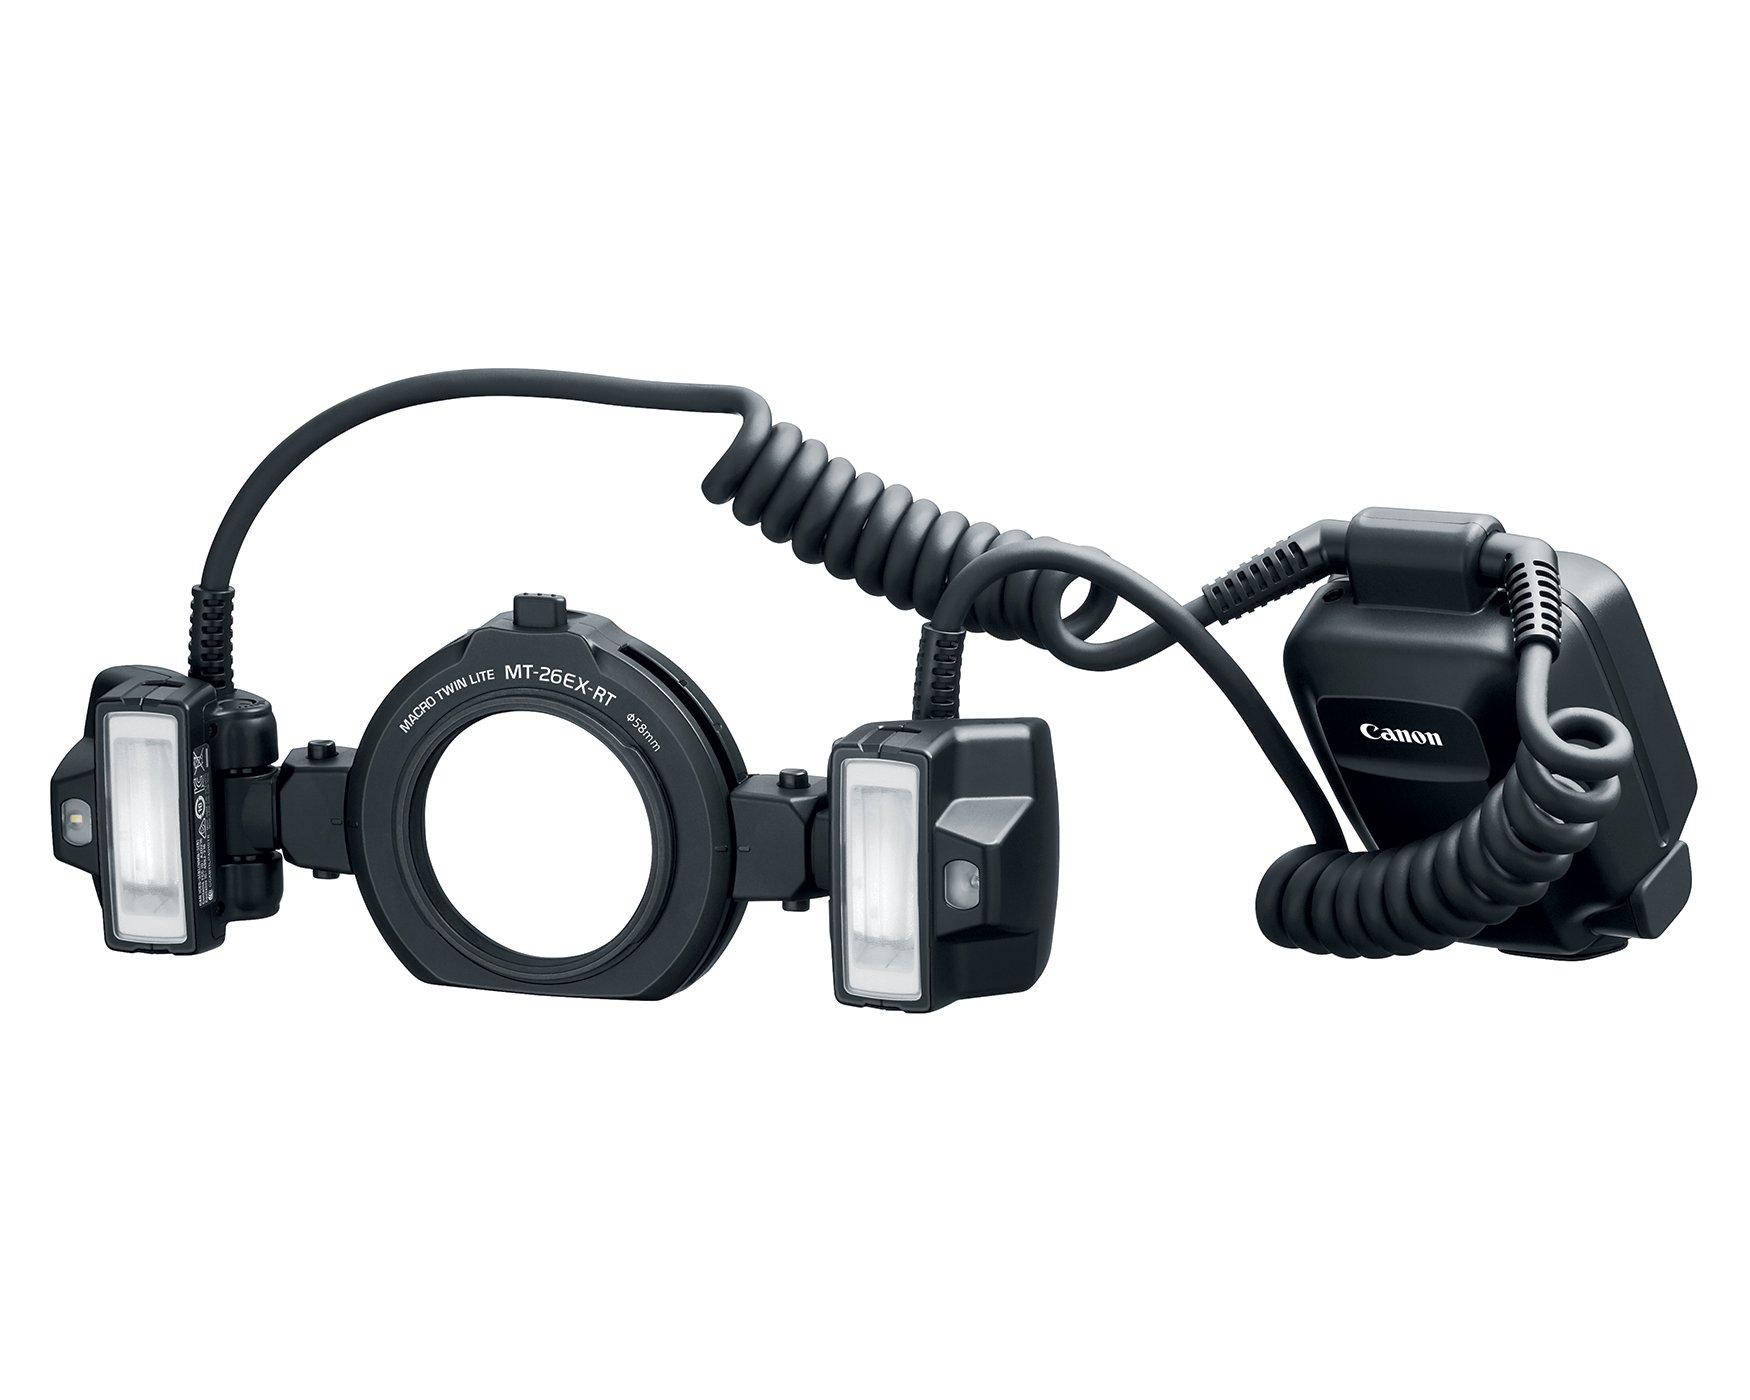 Canon Macro Twin Lite Mt-26EX-RT Camera Flash by Canon